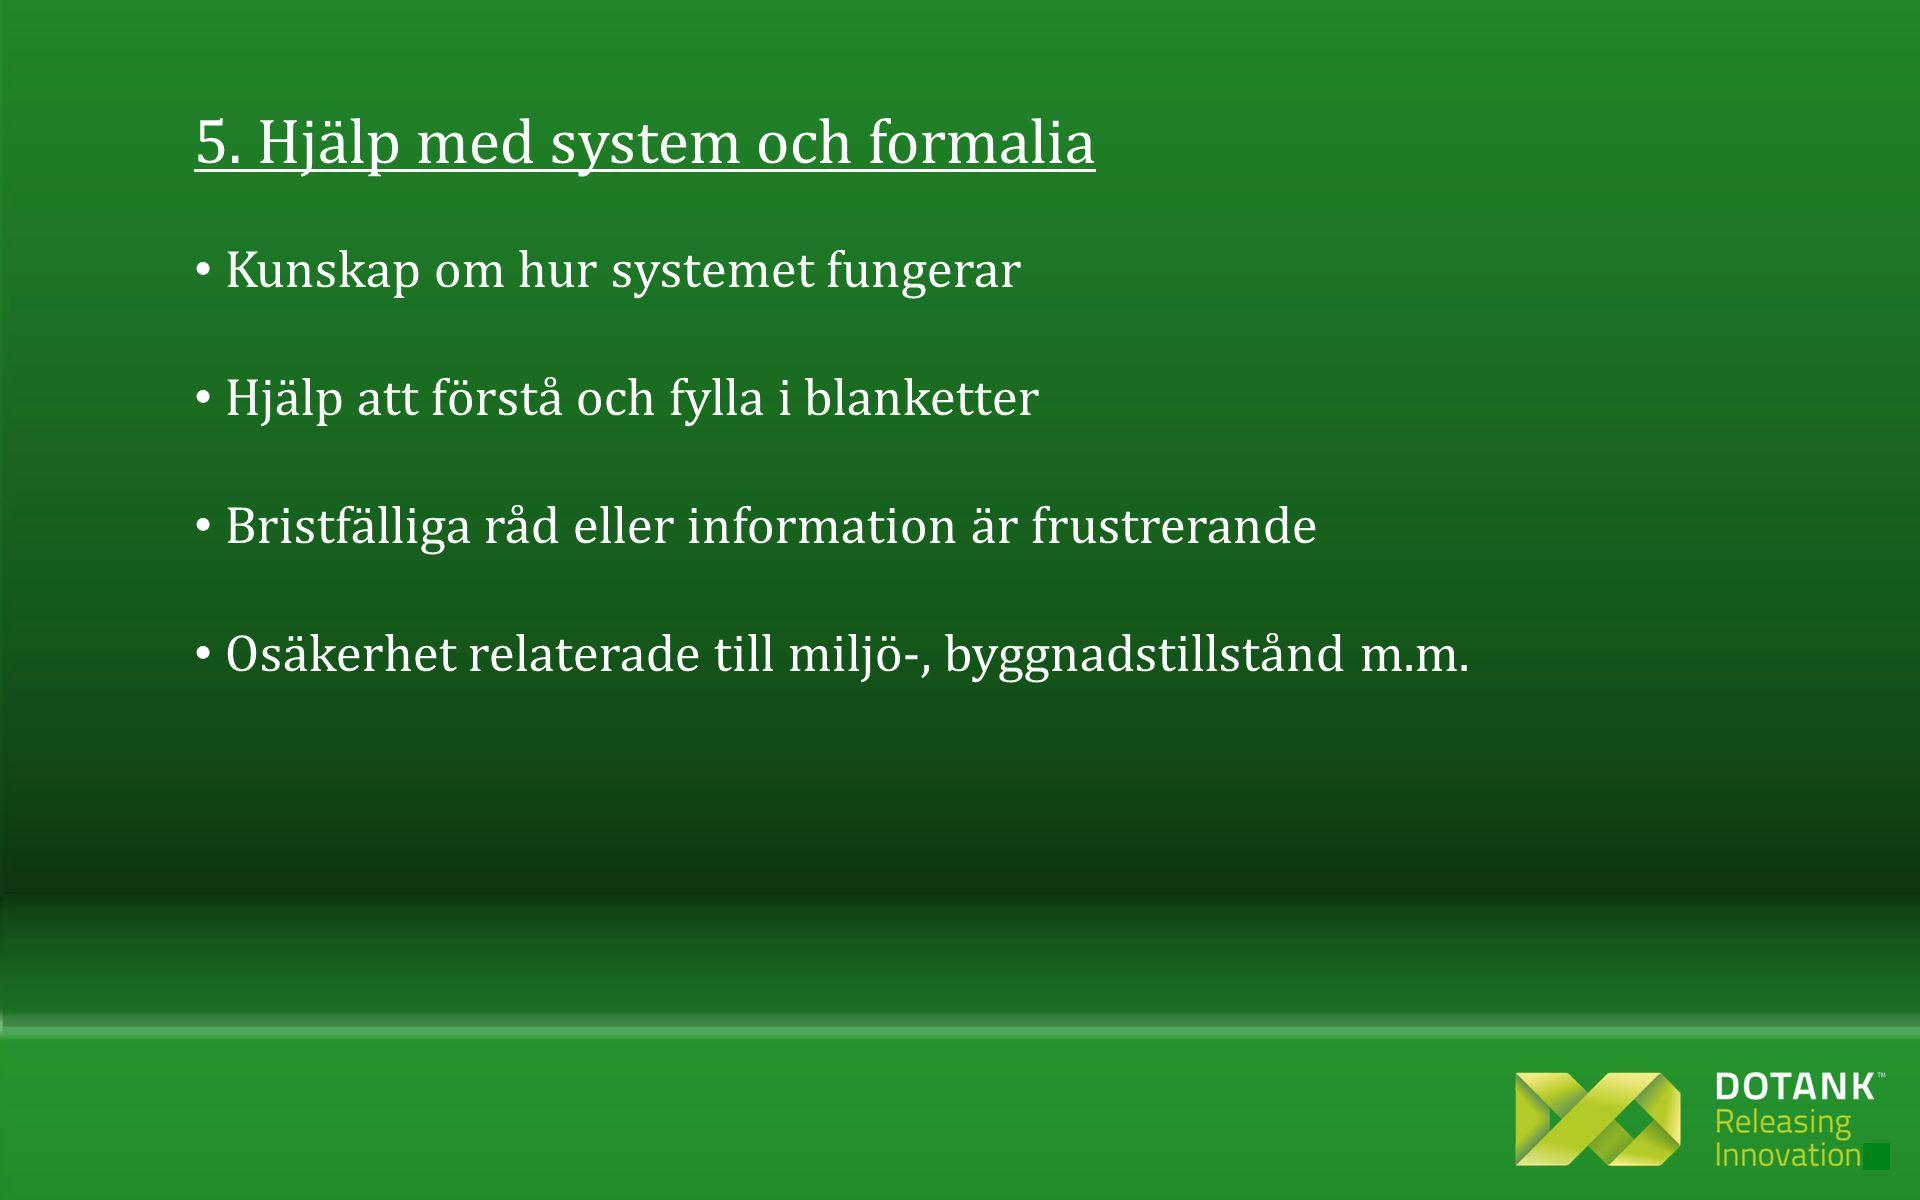 5. Hjälp med system och formalia • Kunskap om hur systemet fungerar • Hjälp att förstå och fylla i blanketter • Bristfälliga råd eller information är